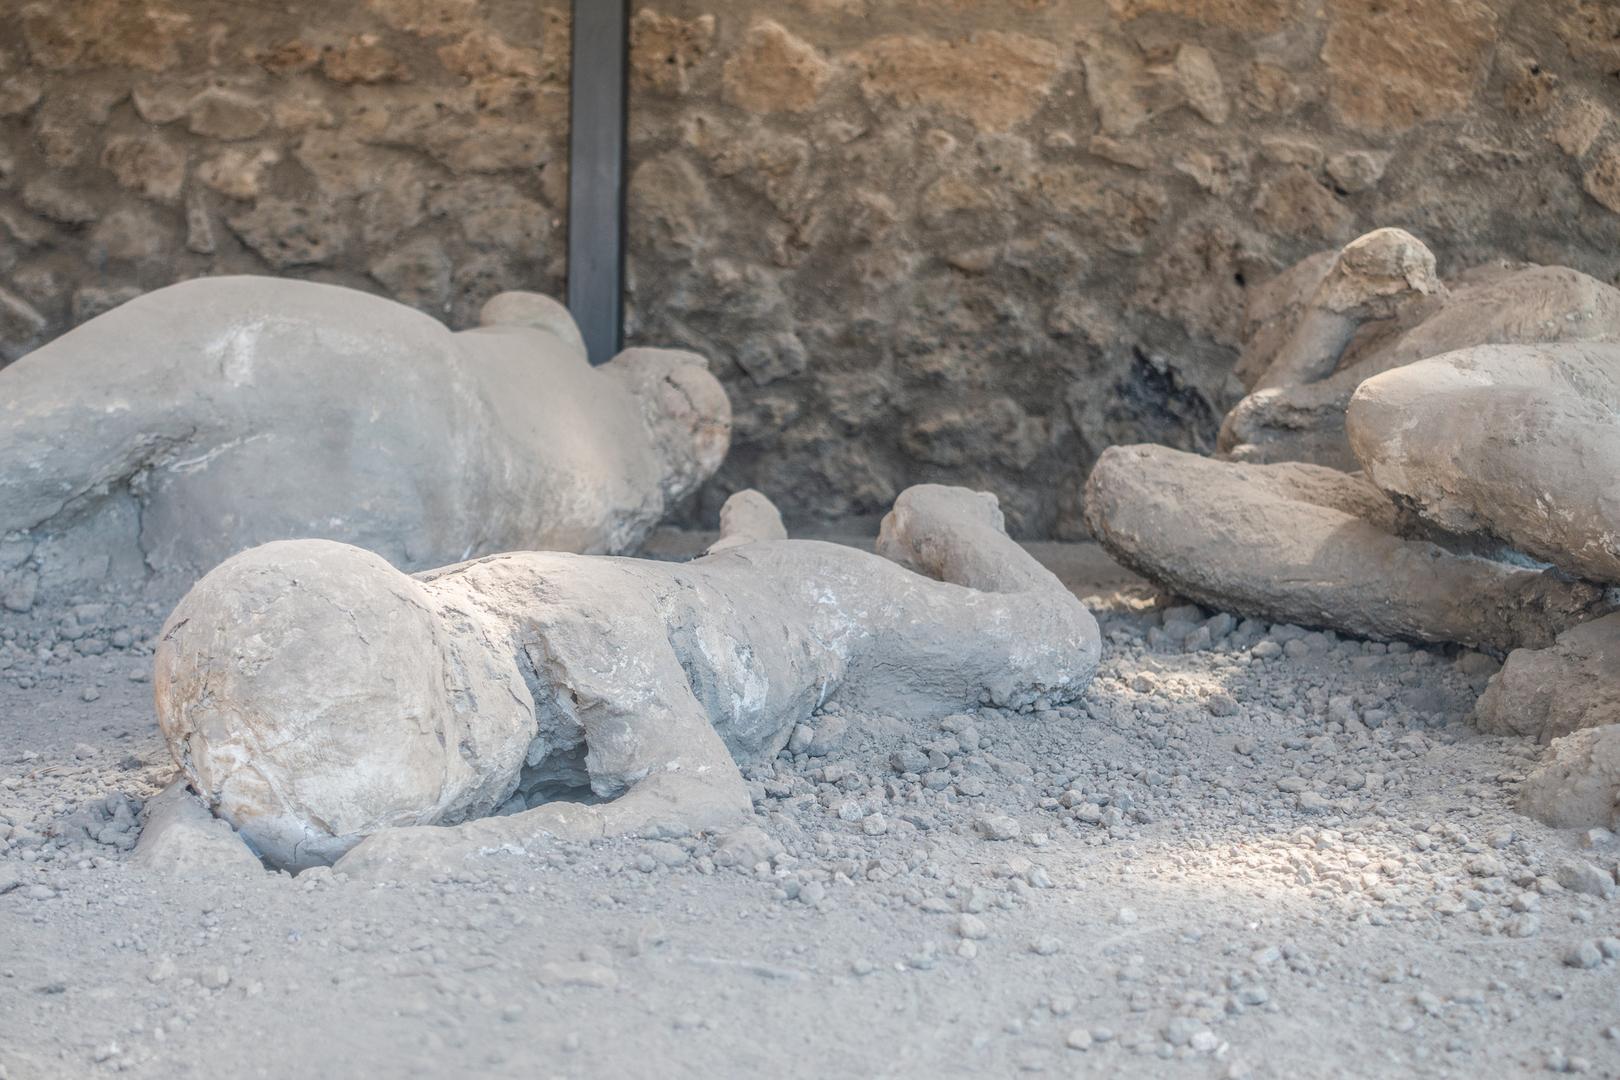 ضحايا مدينة بومبي القديمة في إيطاليا